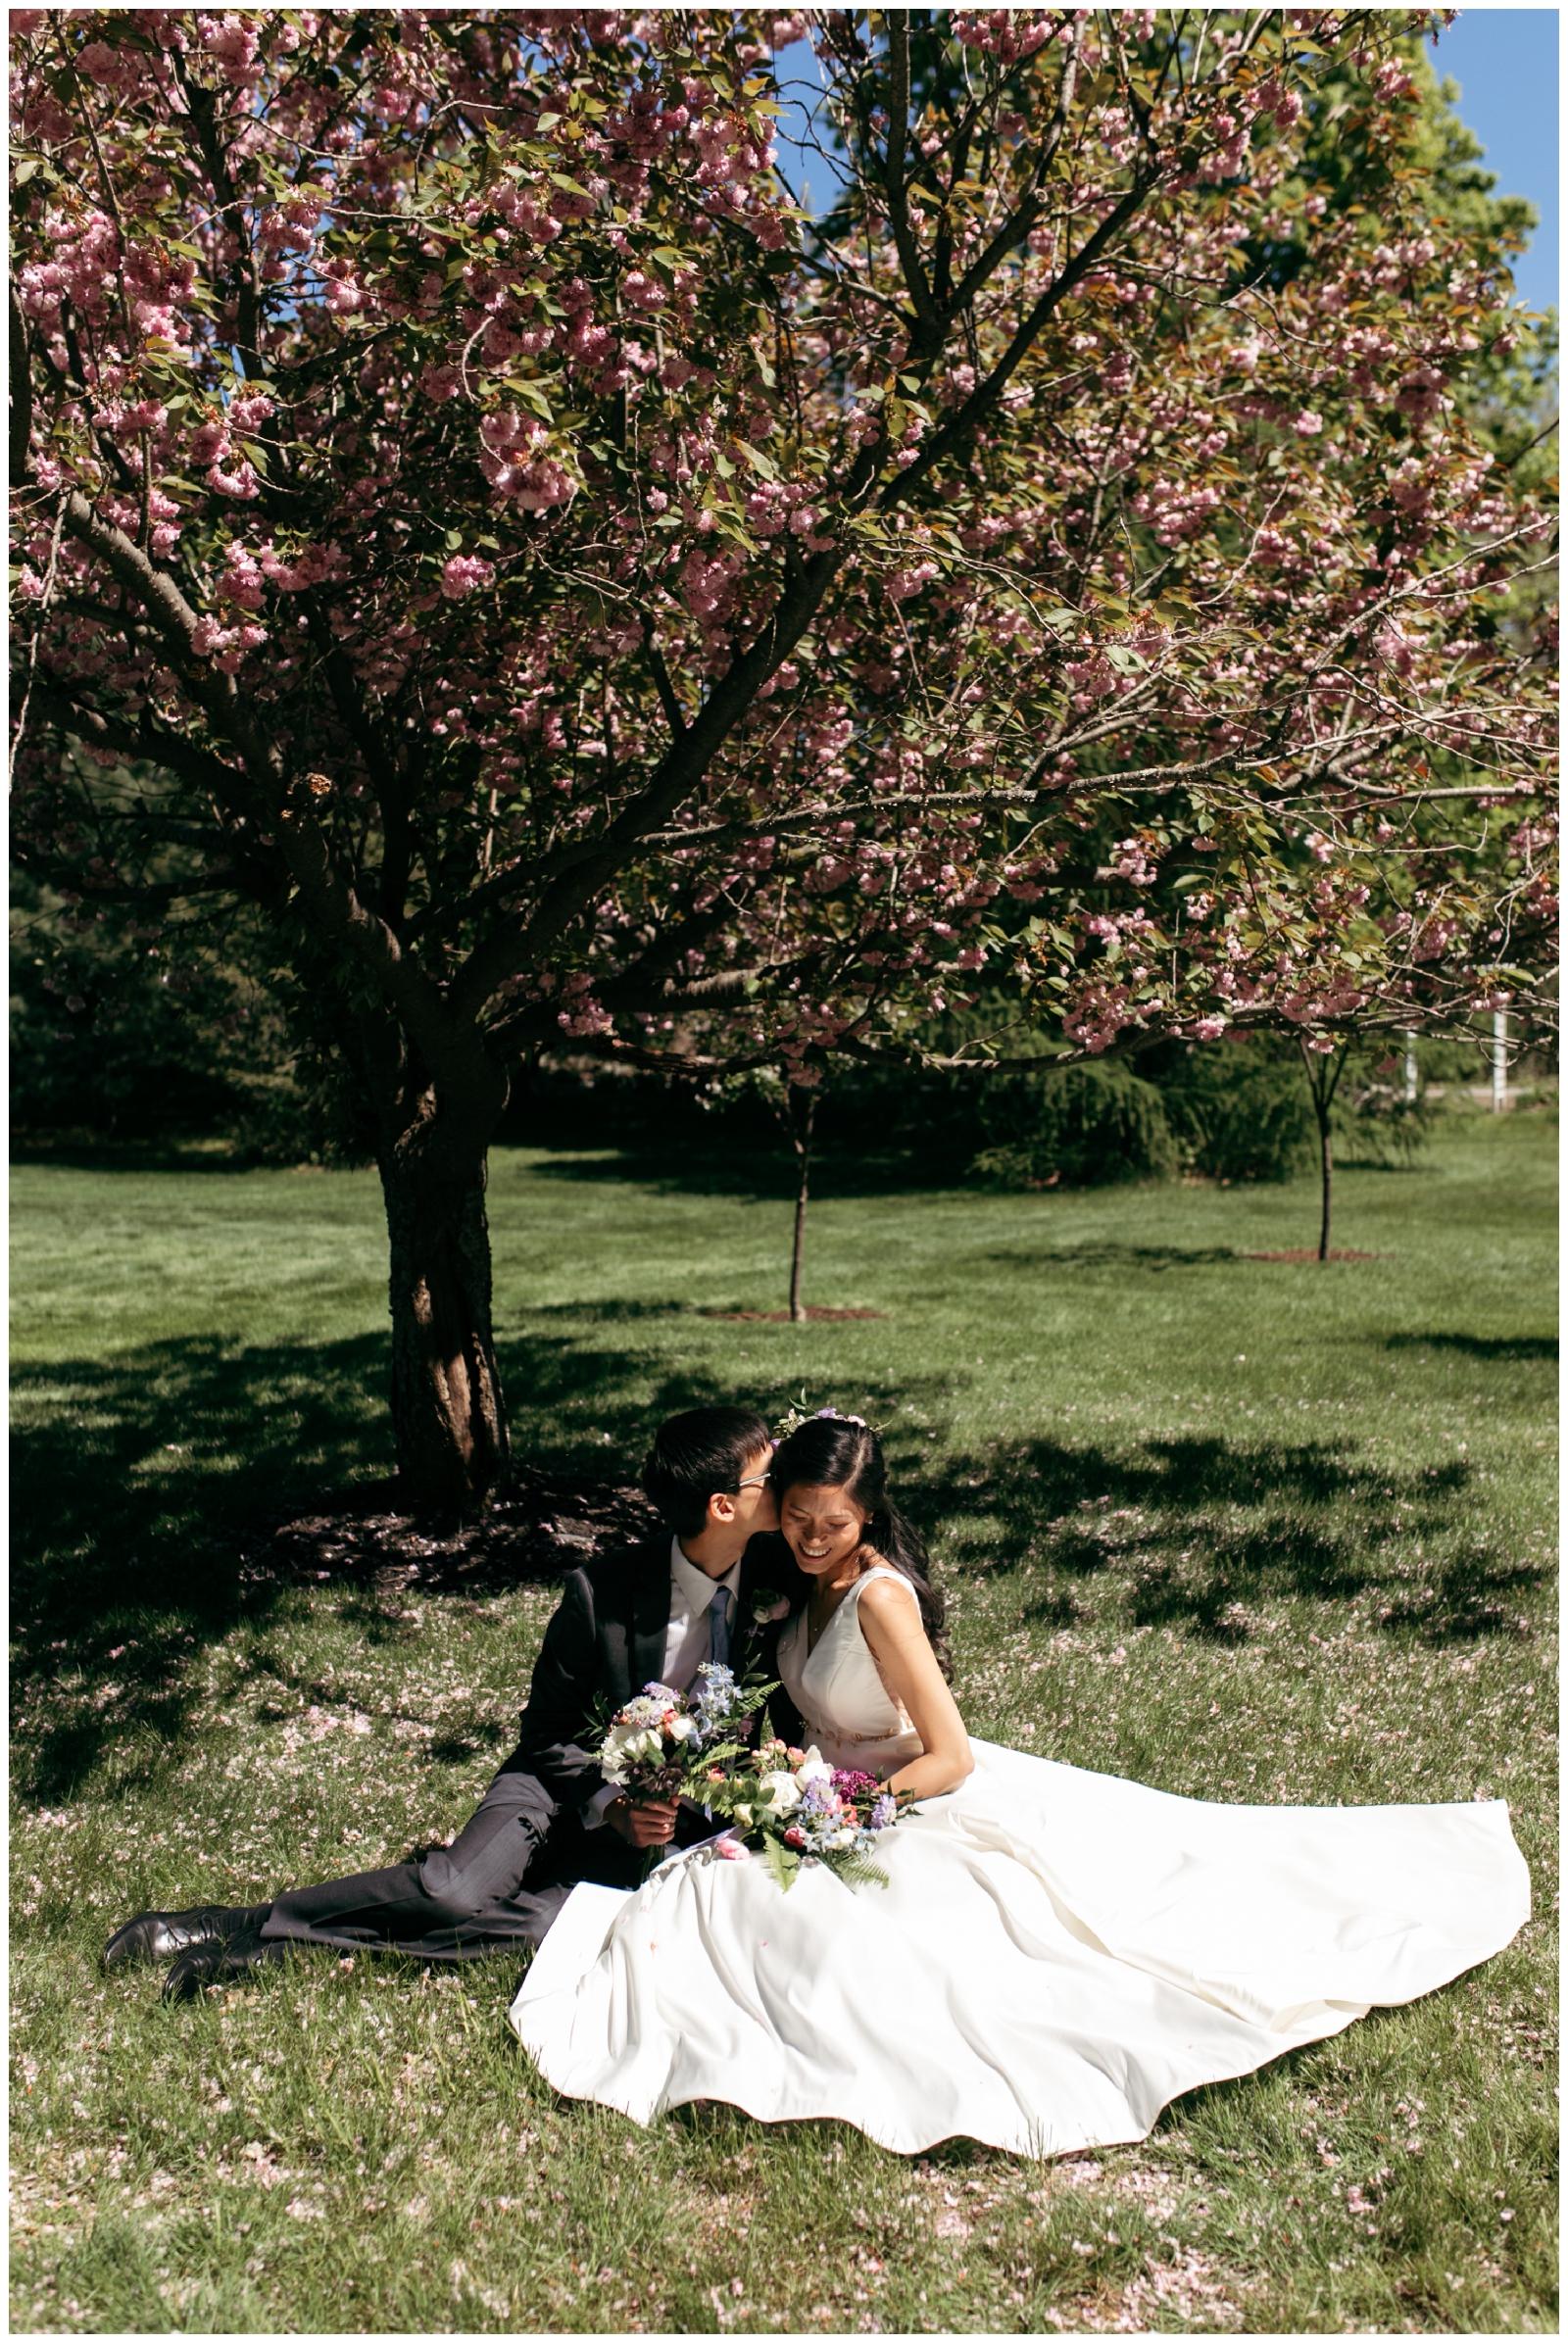 Berkshires wedding venue